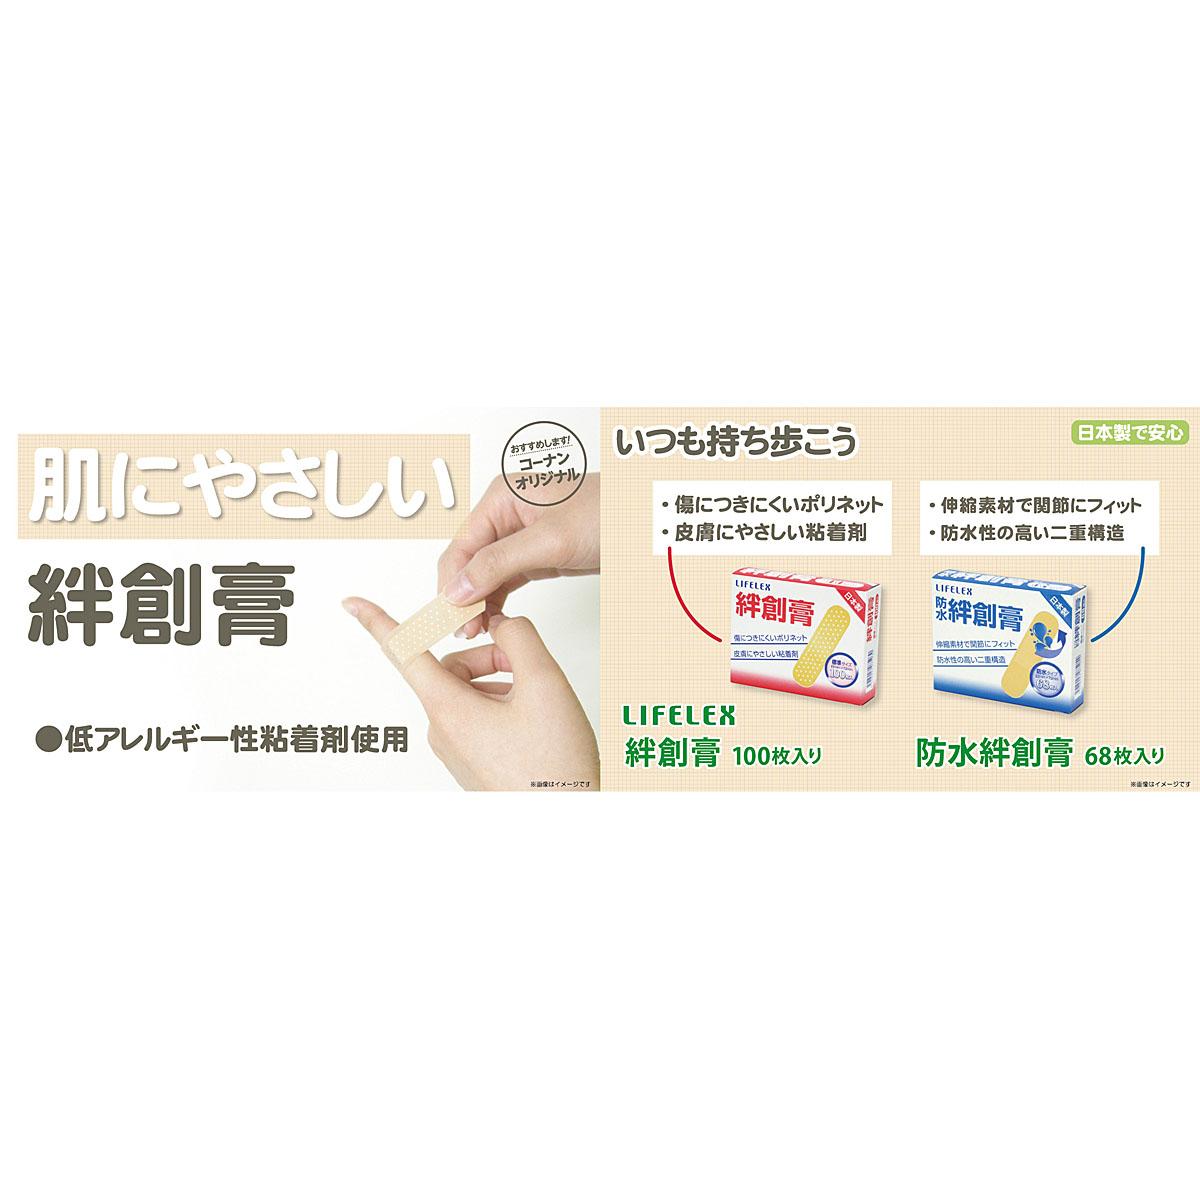 コーナン オリジナル 防水絆創膏 68枚入